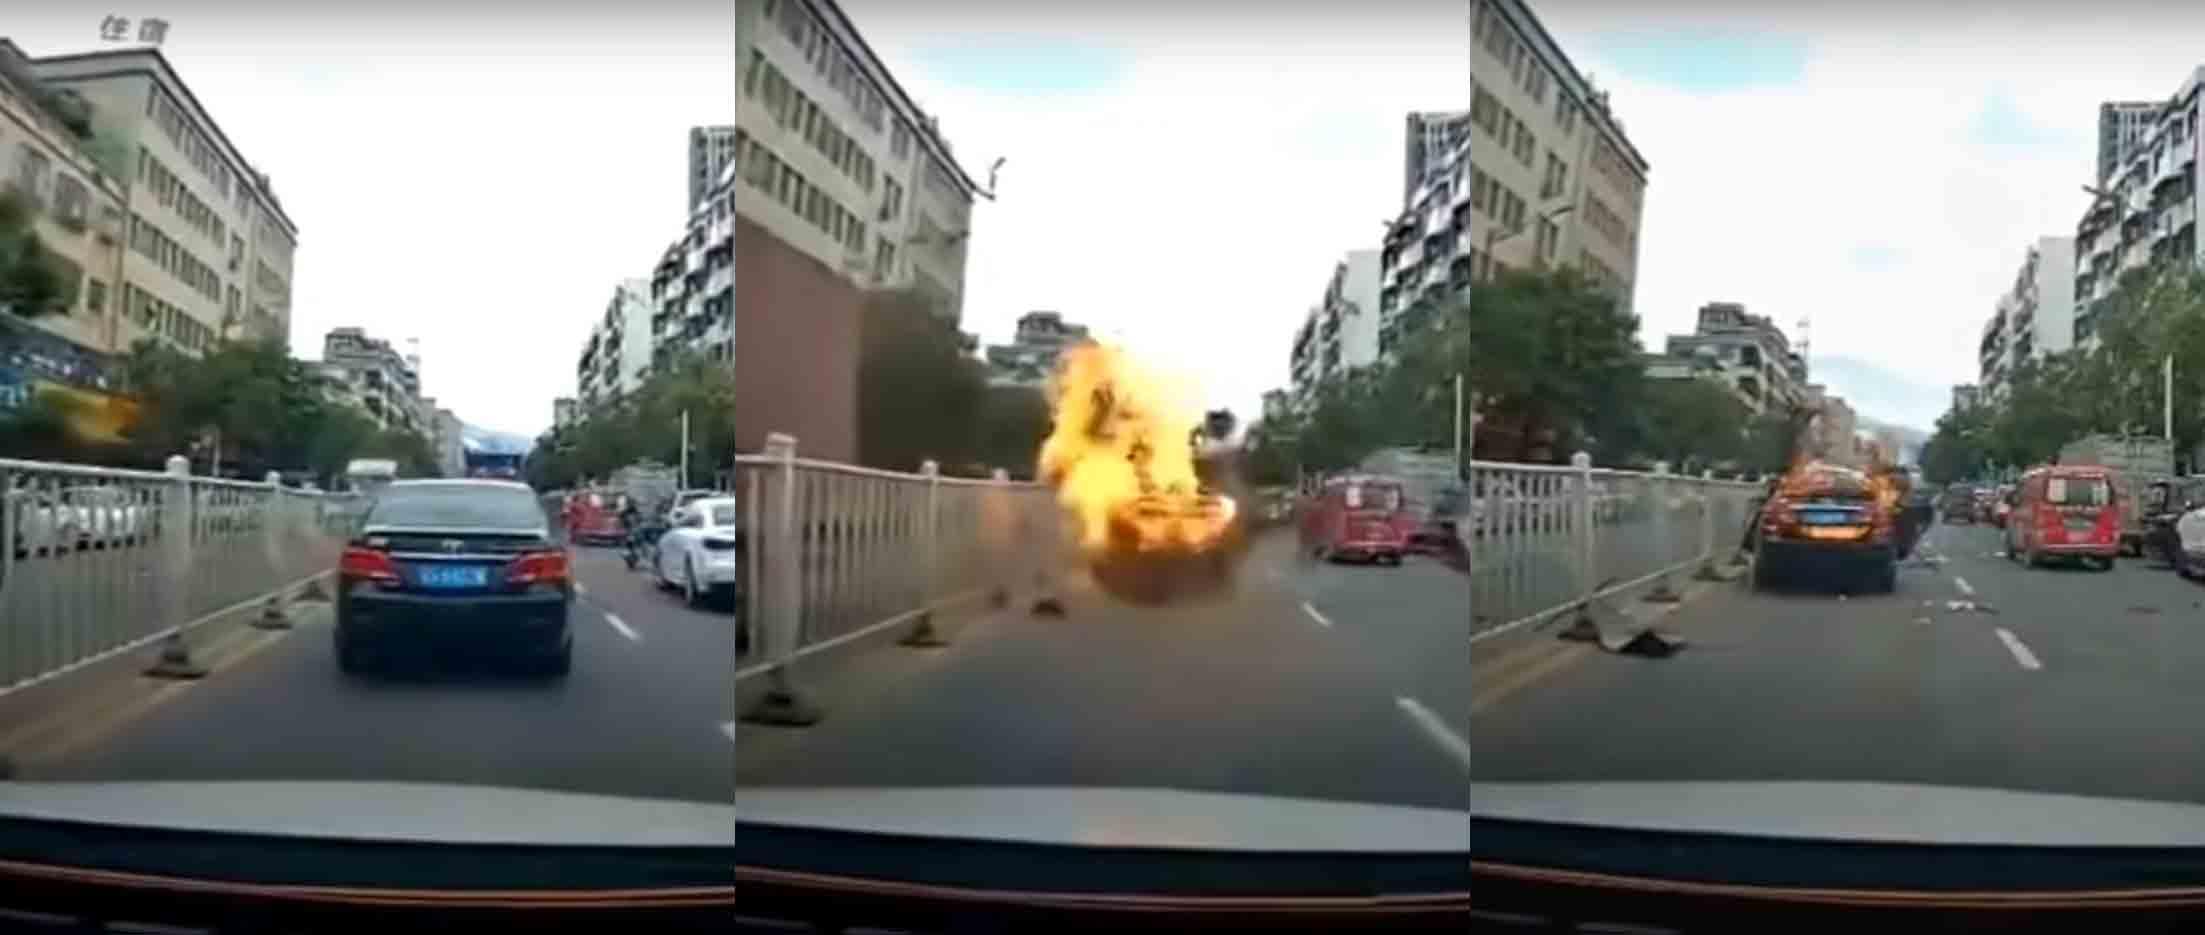 Toyota Camry explode no meio do trânsito; veja o vídeo. Foto: Reprodução Youtube